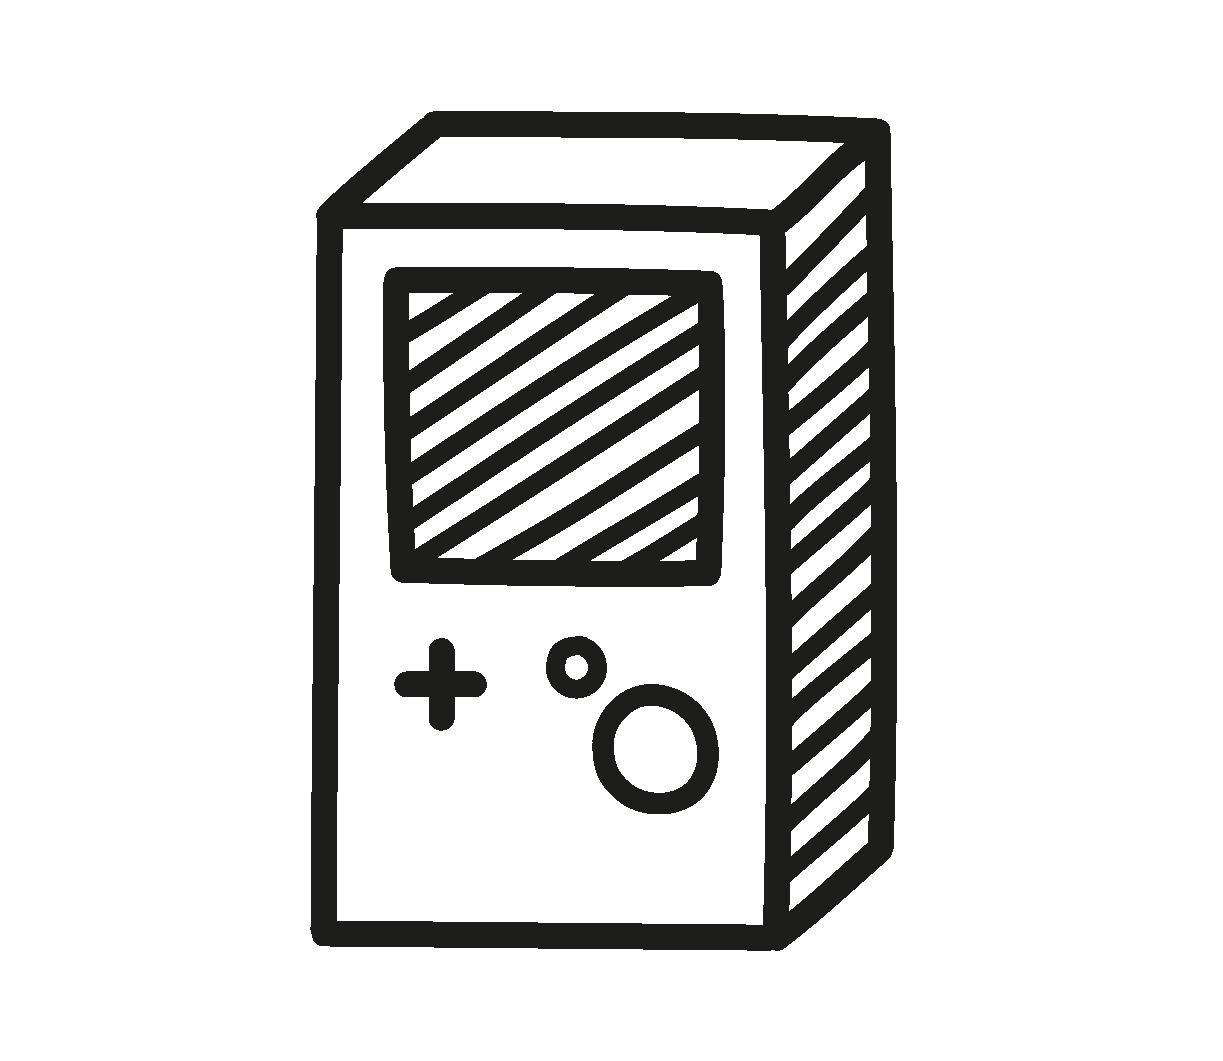 icon_gameboy_Artboard 6